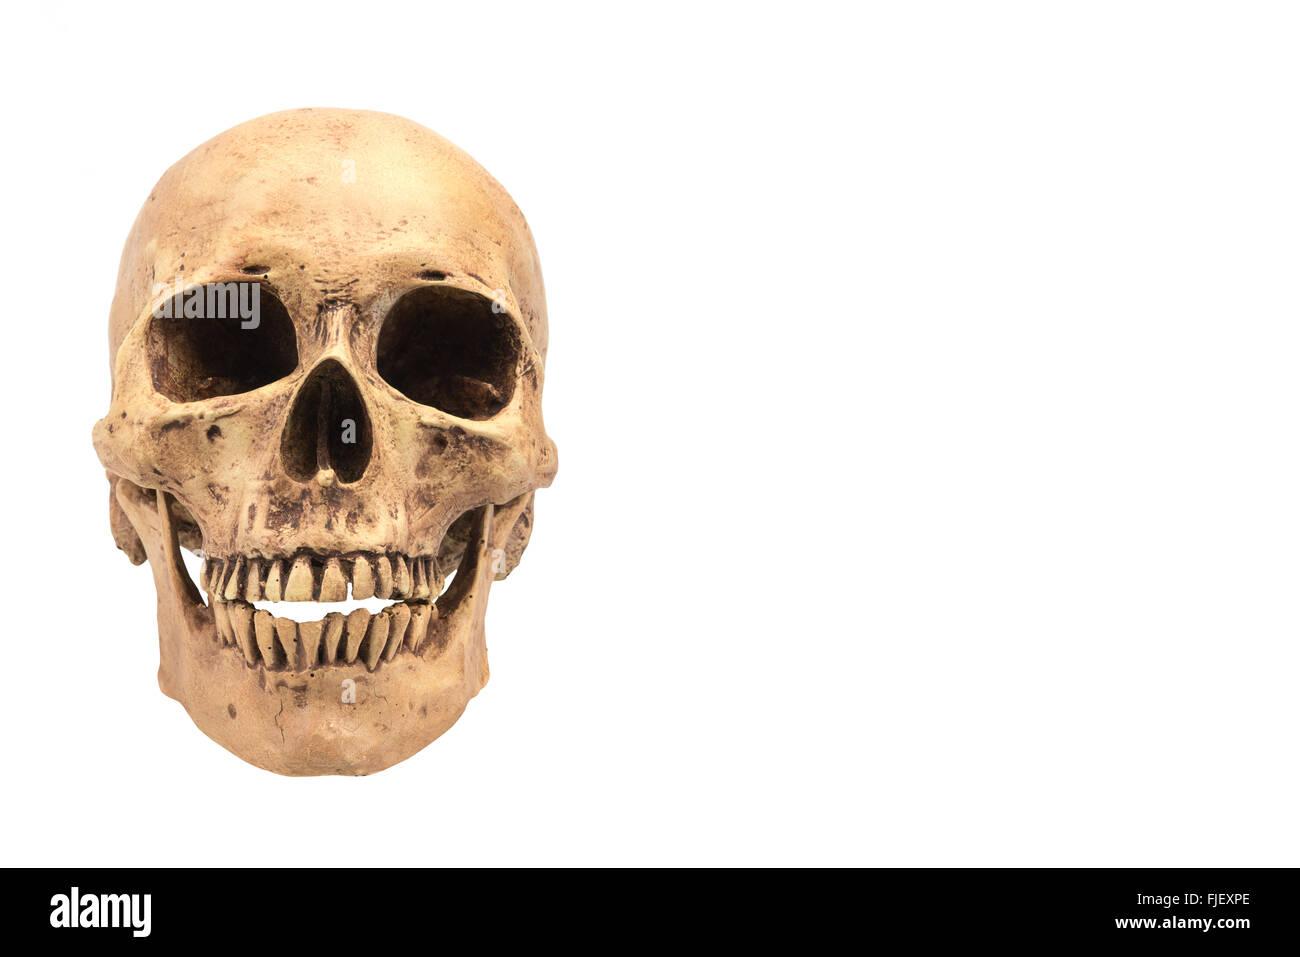 Human skull on isolated white background - Stock Image